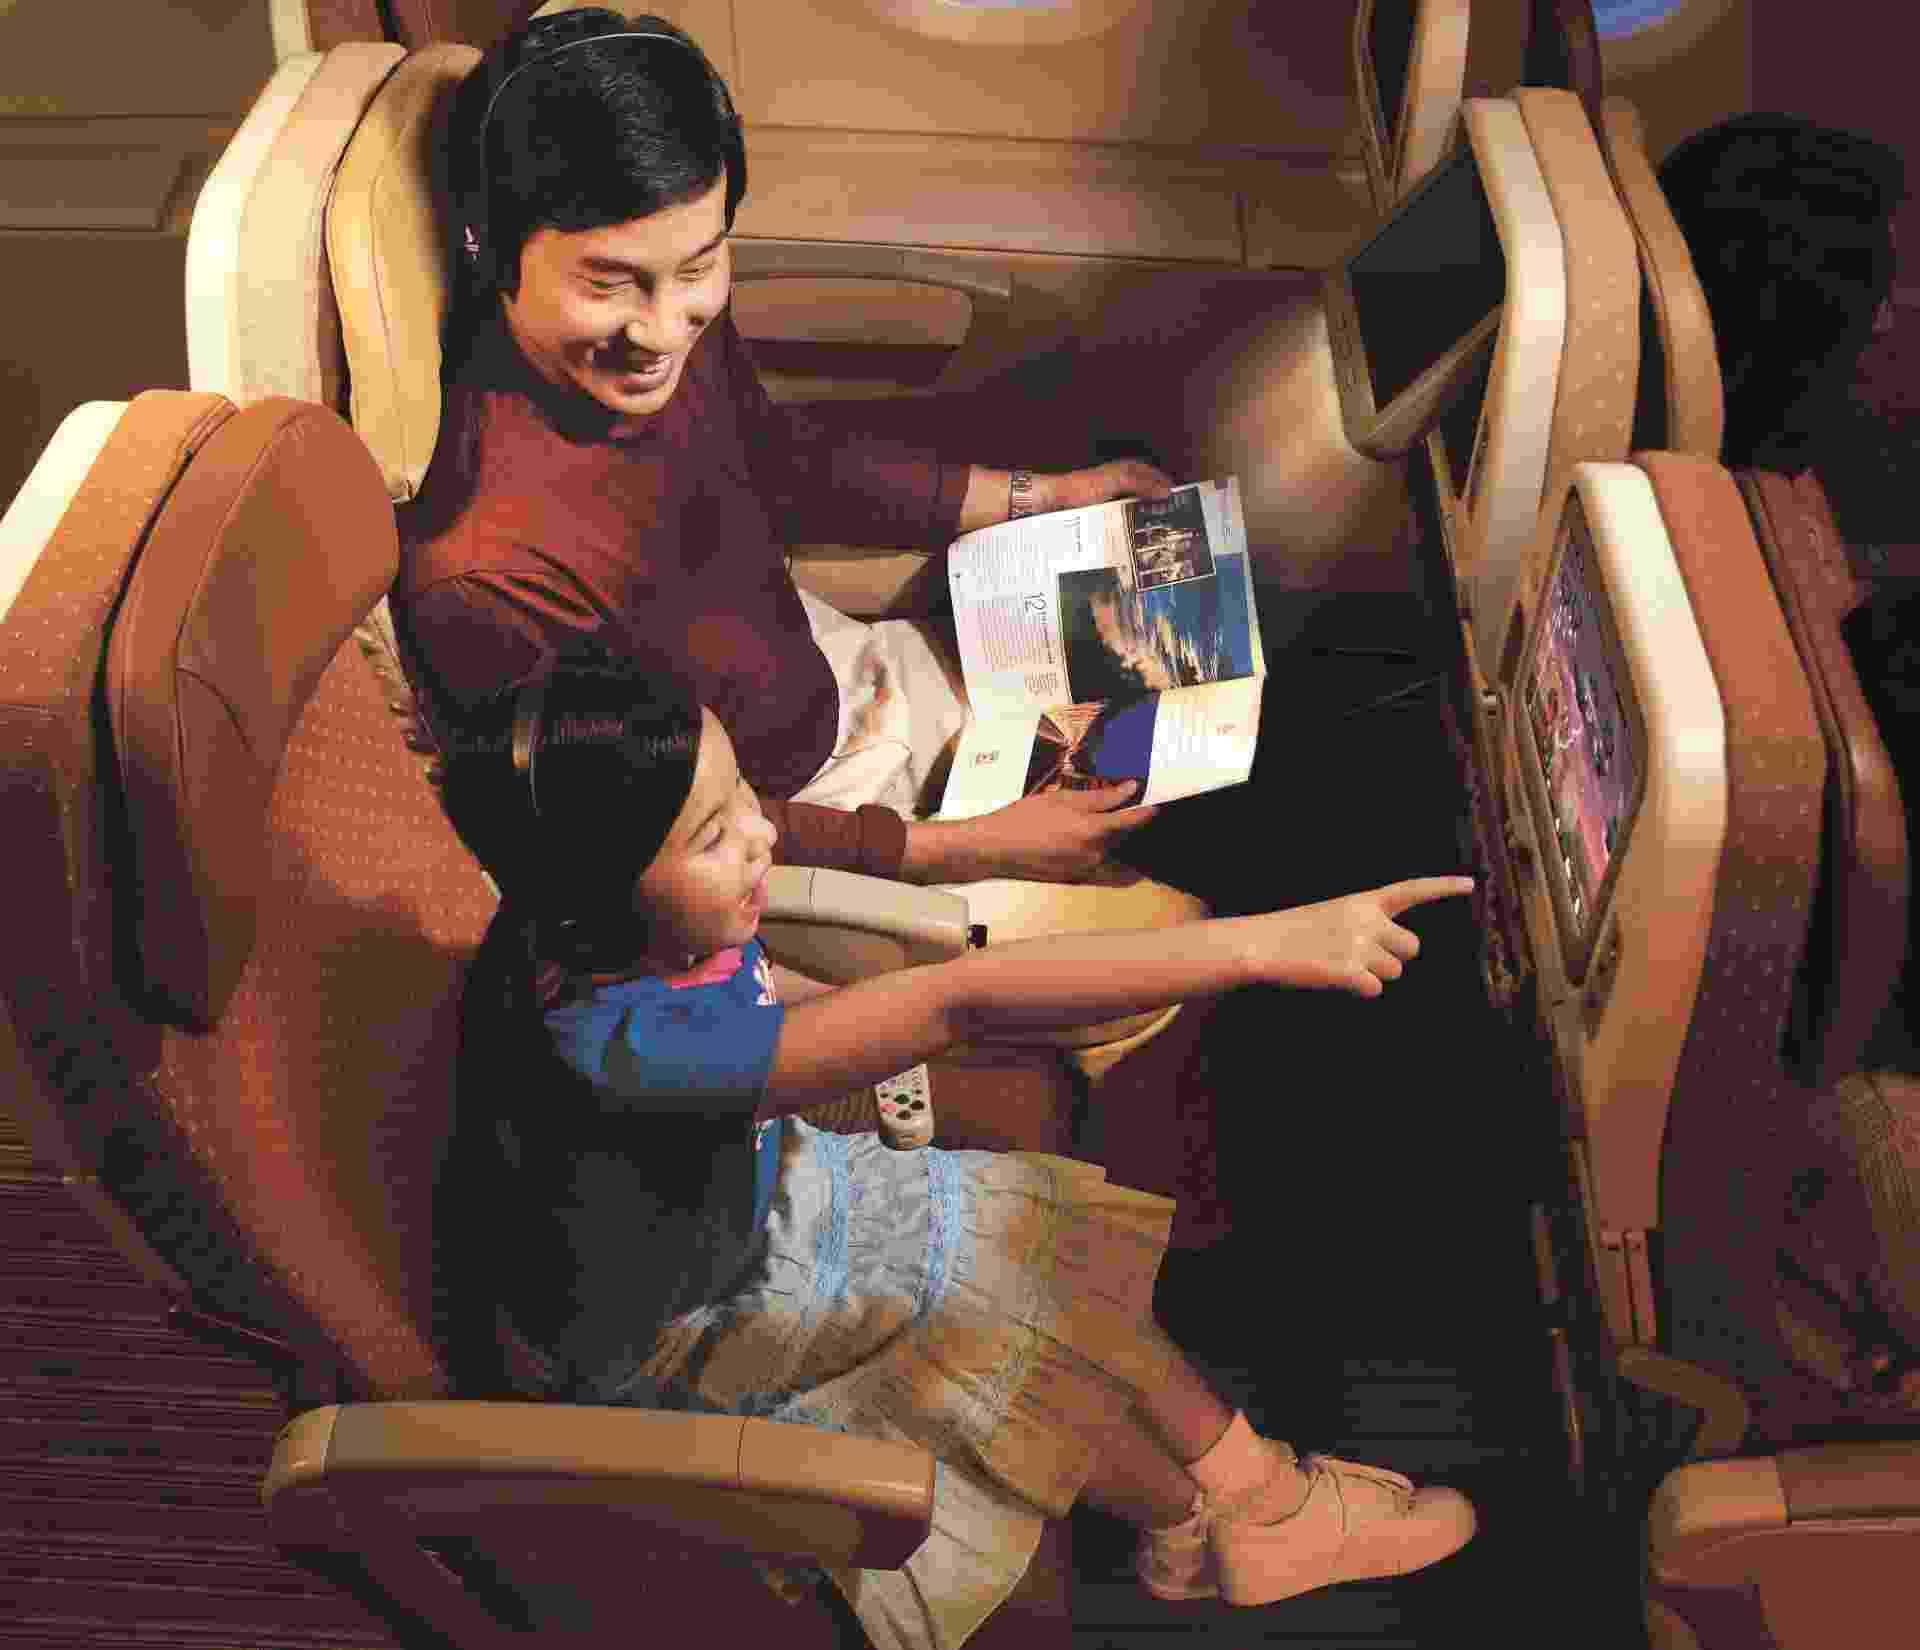 Os passageiros da classe econômica da Singapore Airlines têm monitores individuais de 10,6 polegadas. Eles também recebem um cobertor de lã da grife Givenchy - Divulgação